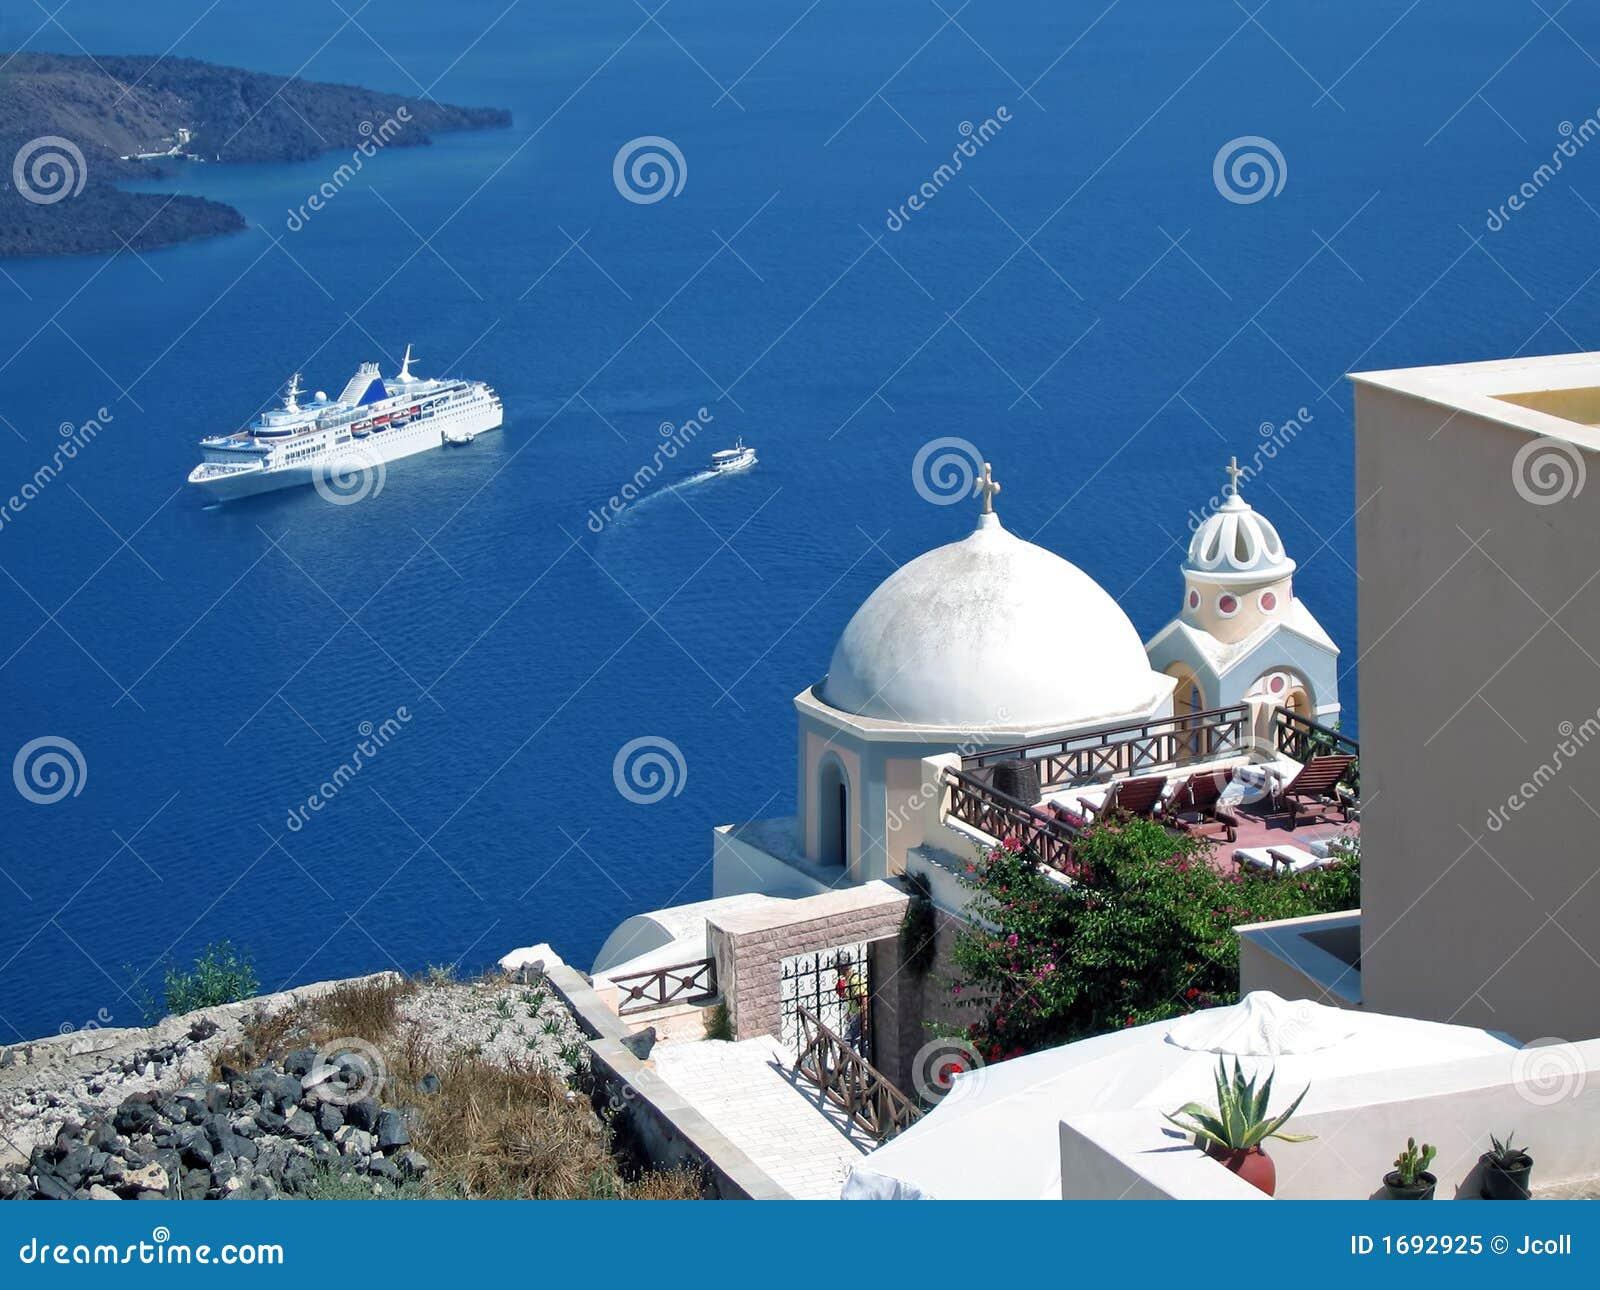 Crociera alle isole greche